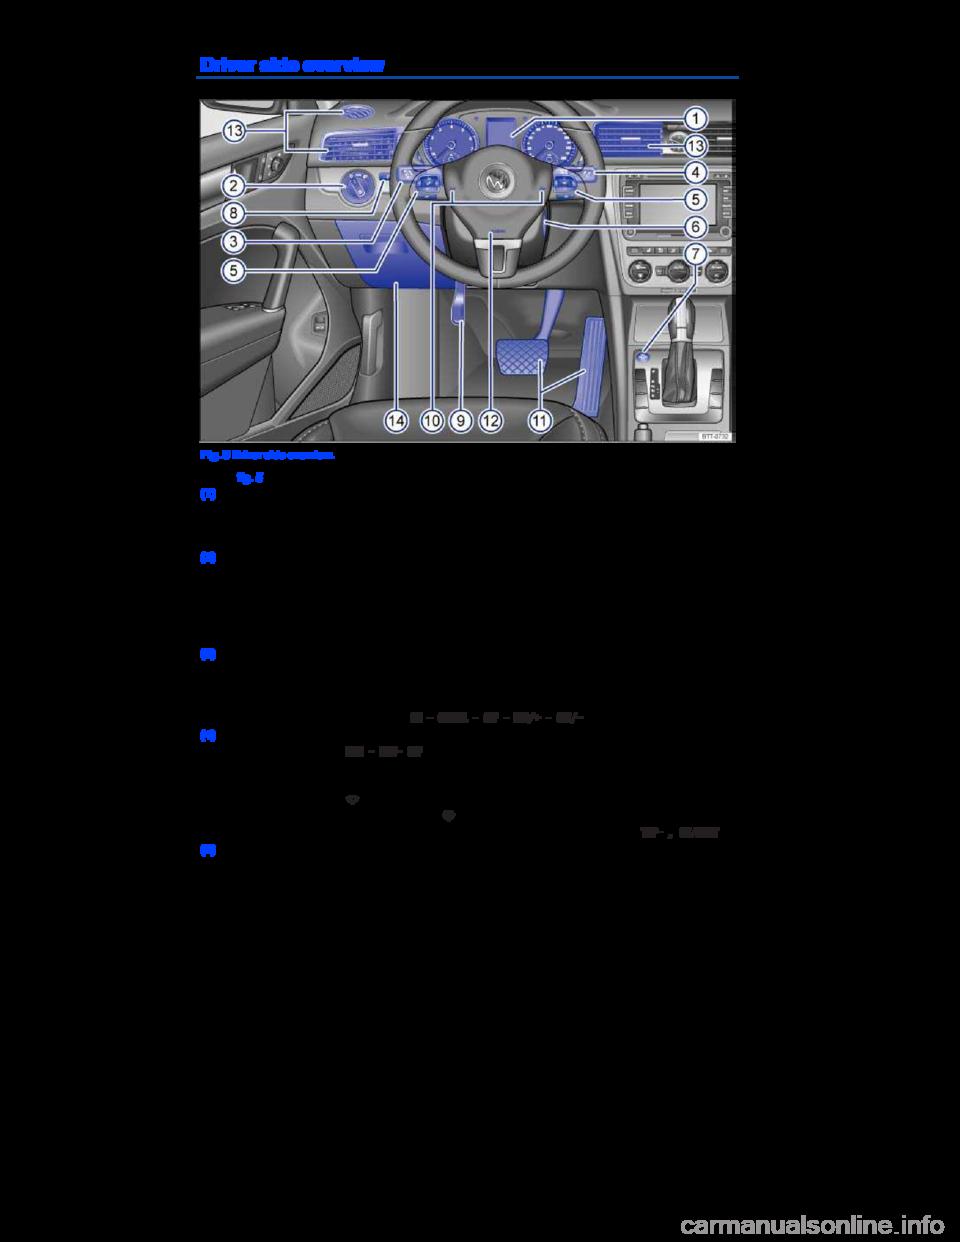 volkswagen passat service manual download